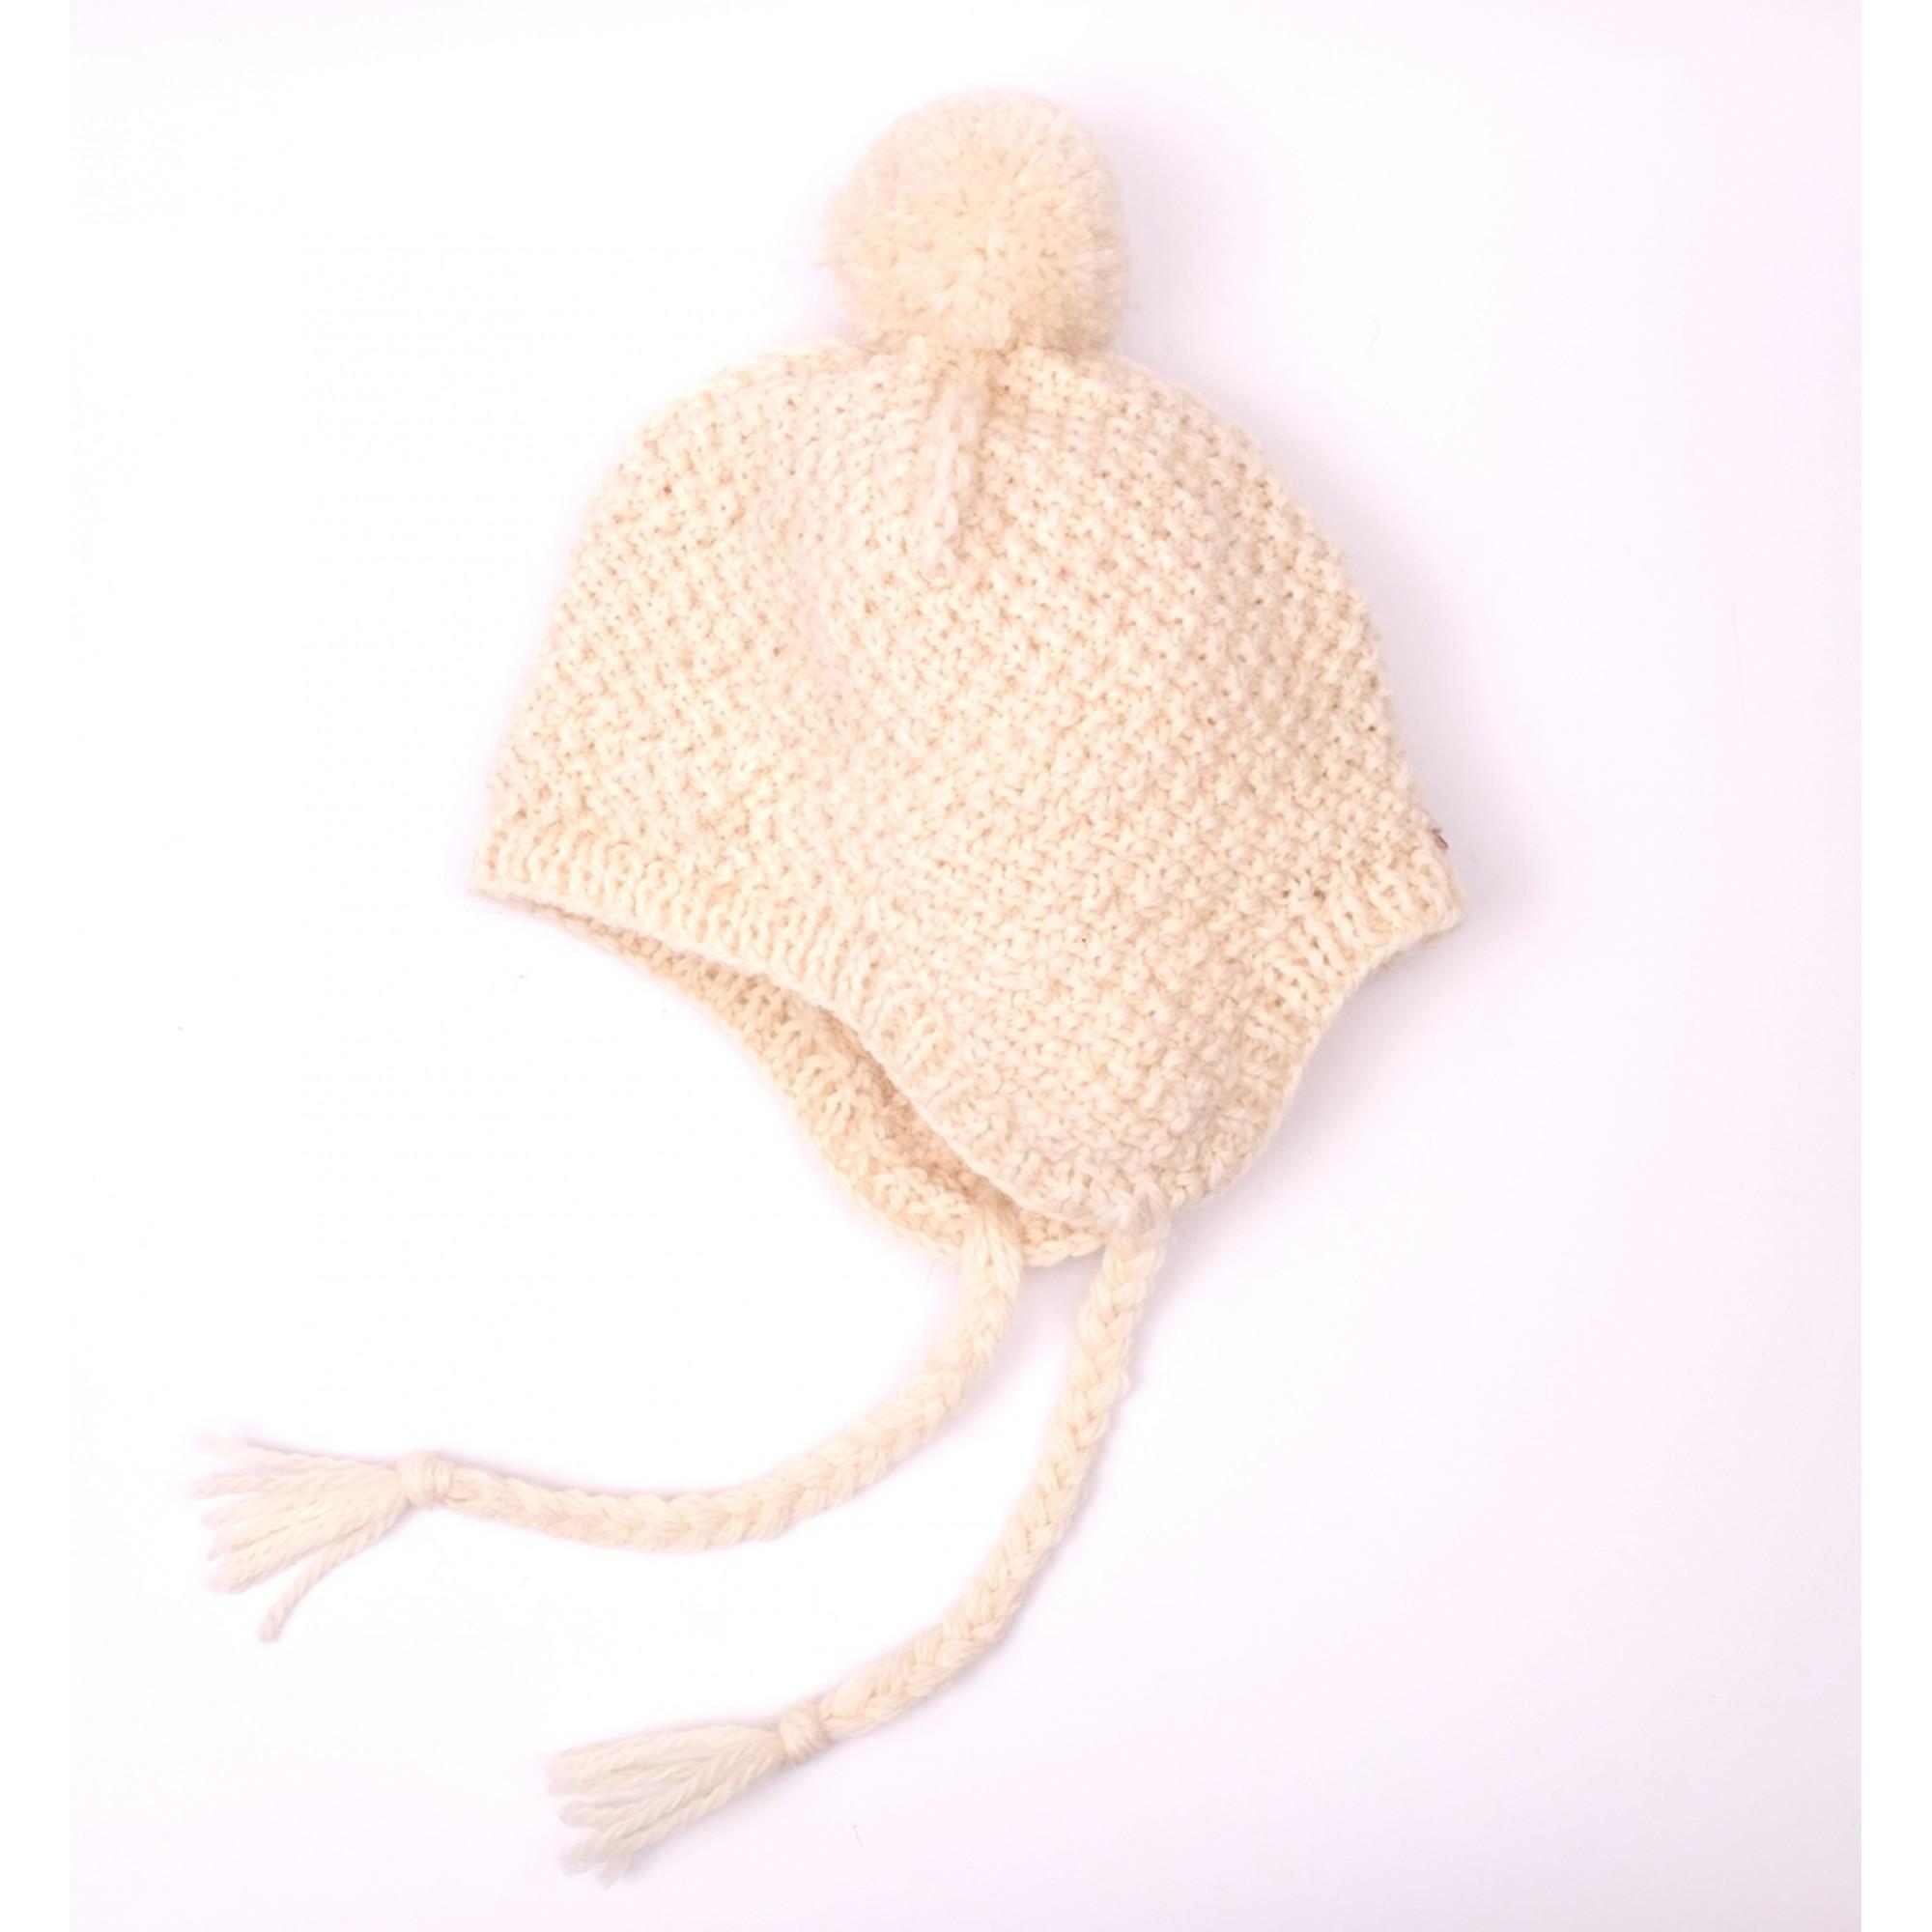 Bonnet Emile écru pour bébé - type péruvien en laine et alpaga -  autre vue